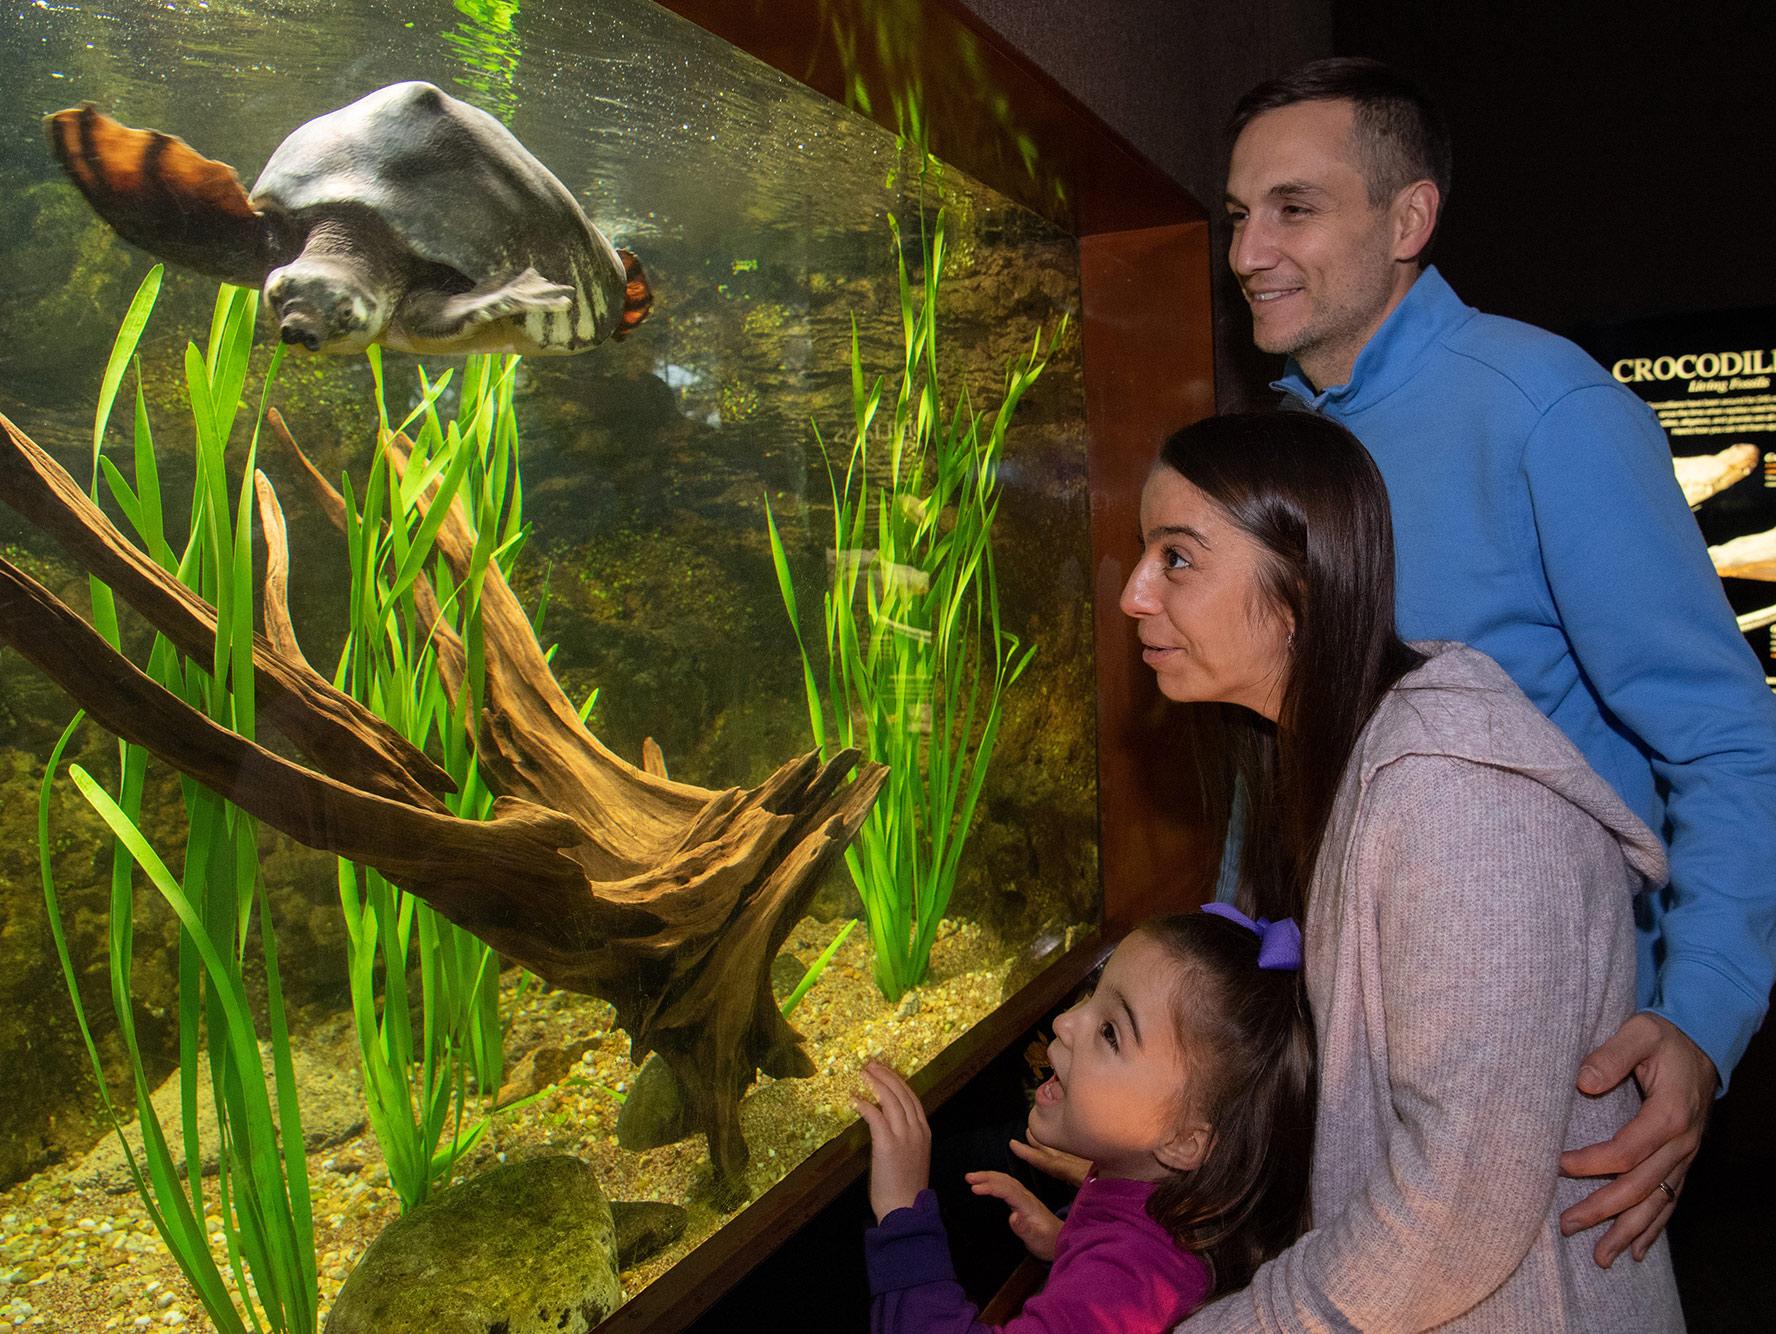 family looks at aquarium